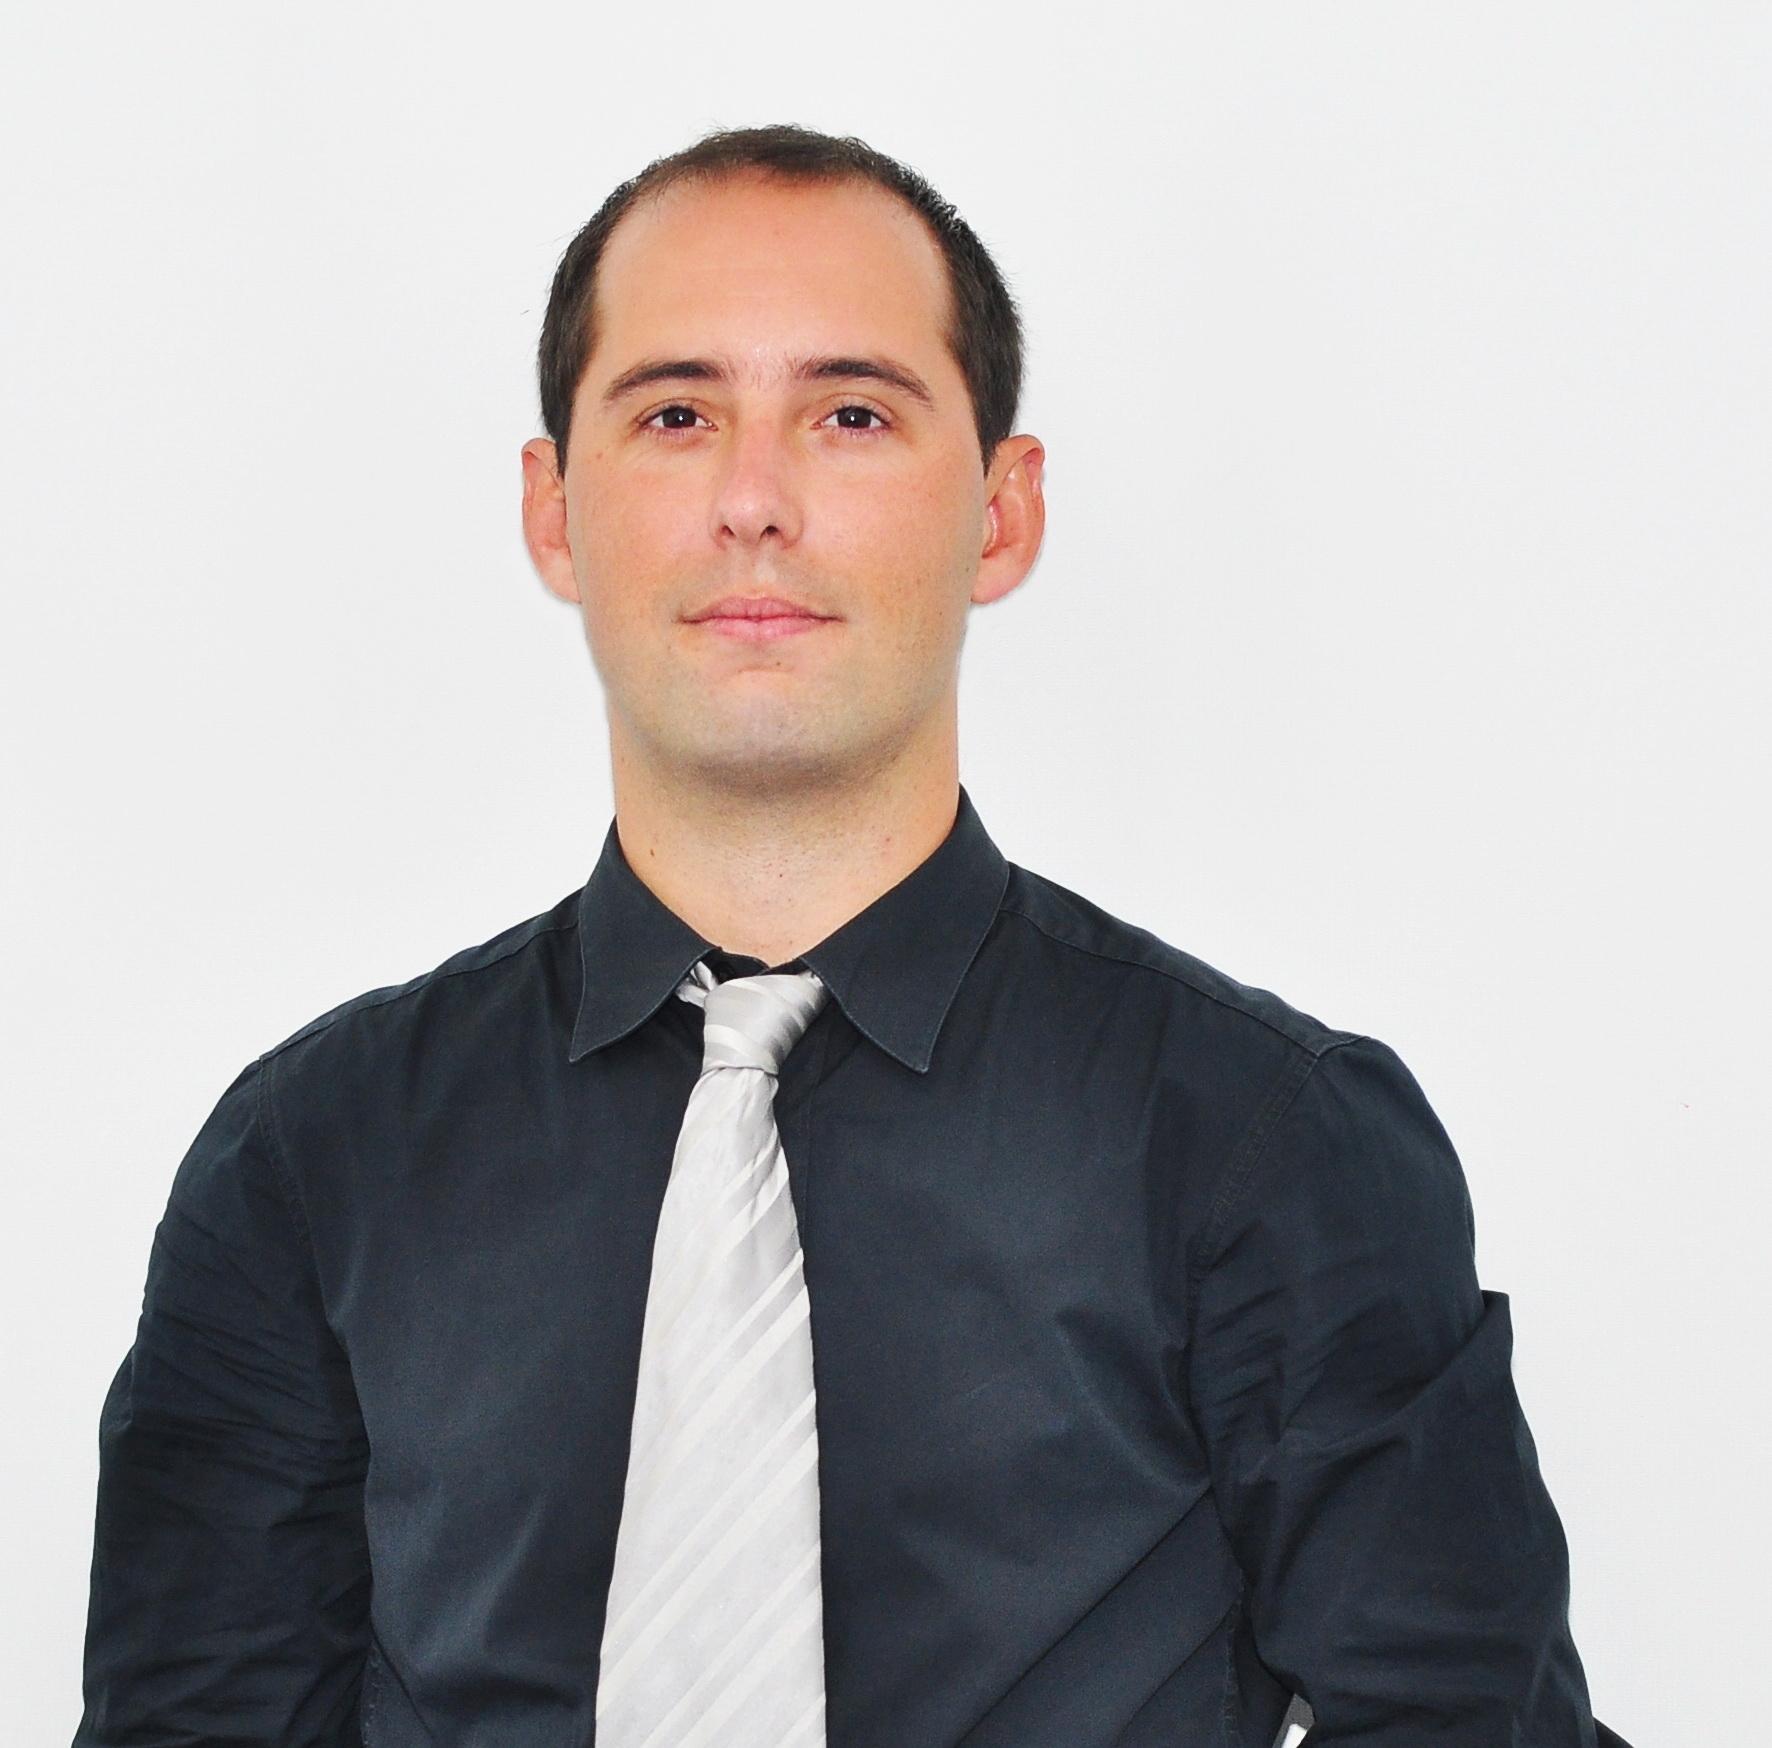 José Aroldo Lima Gonçalves Filho